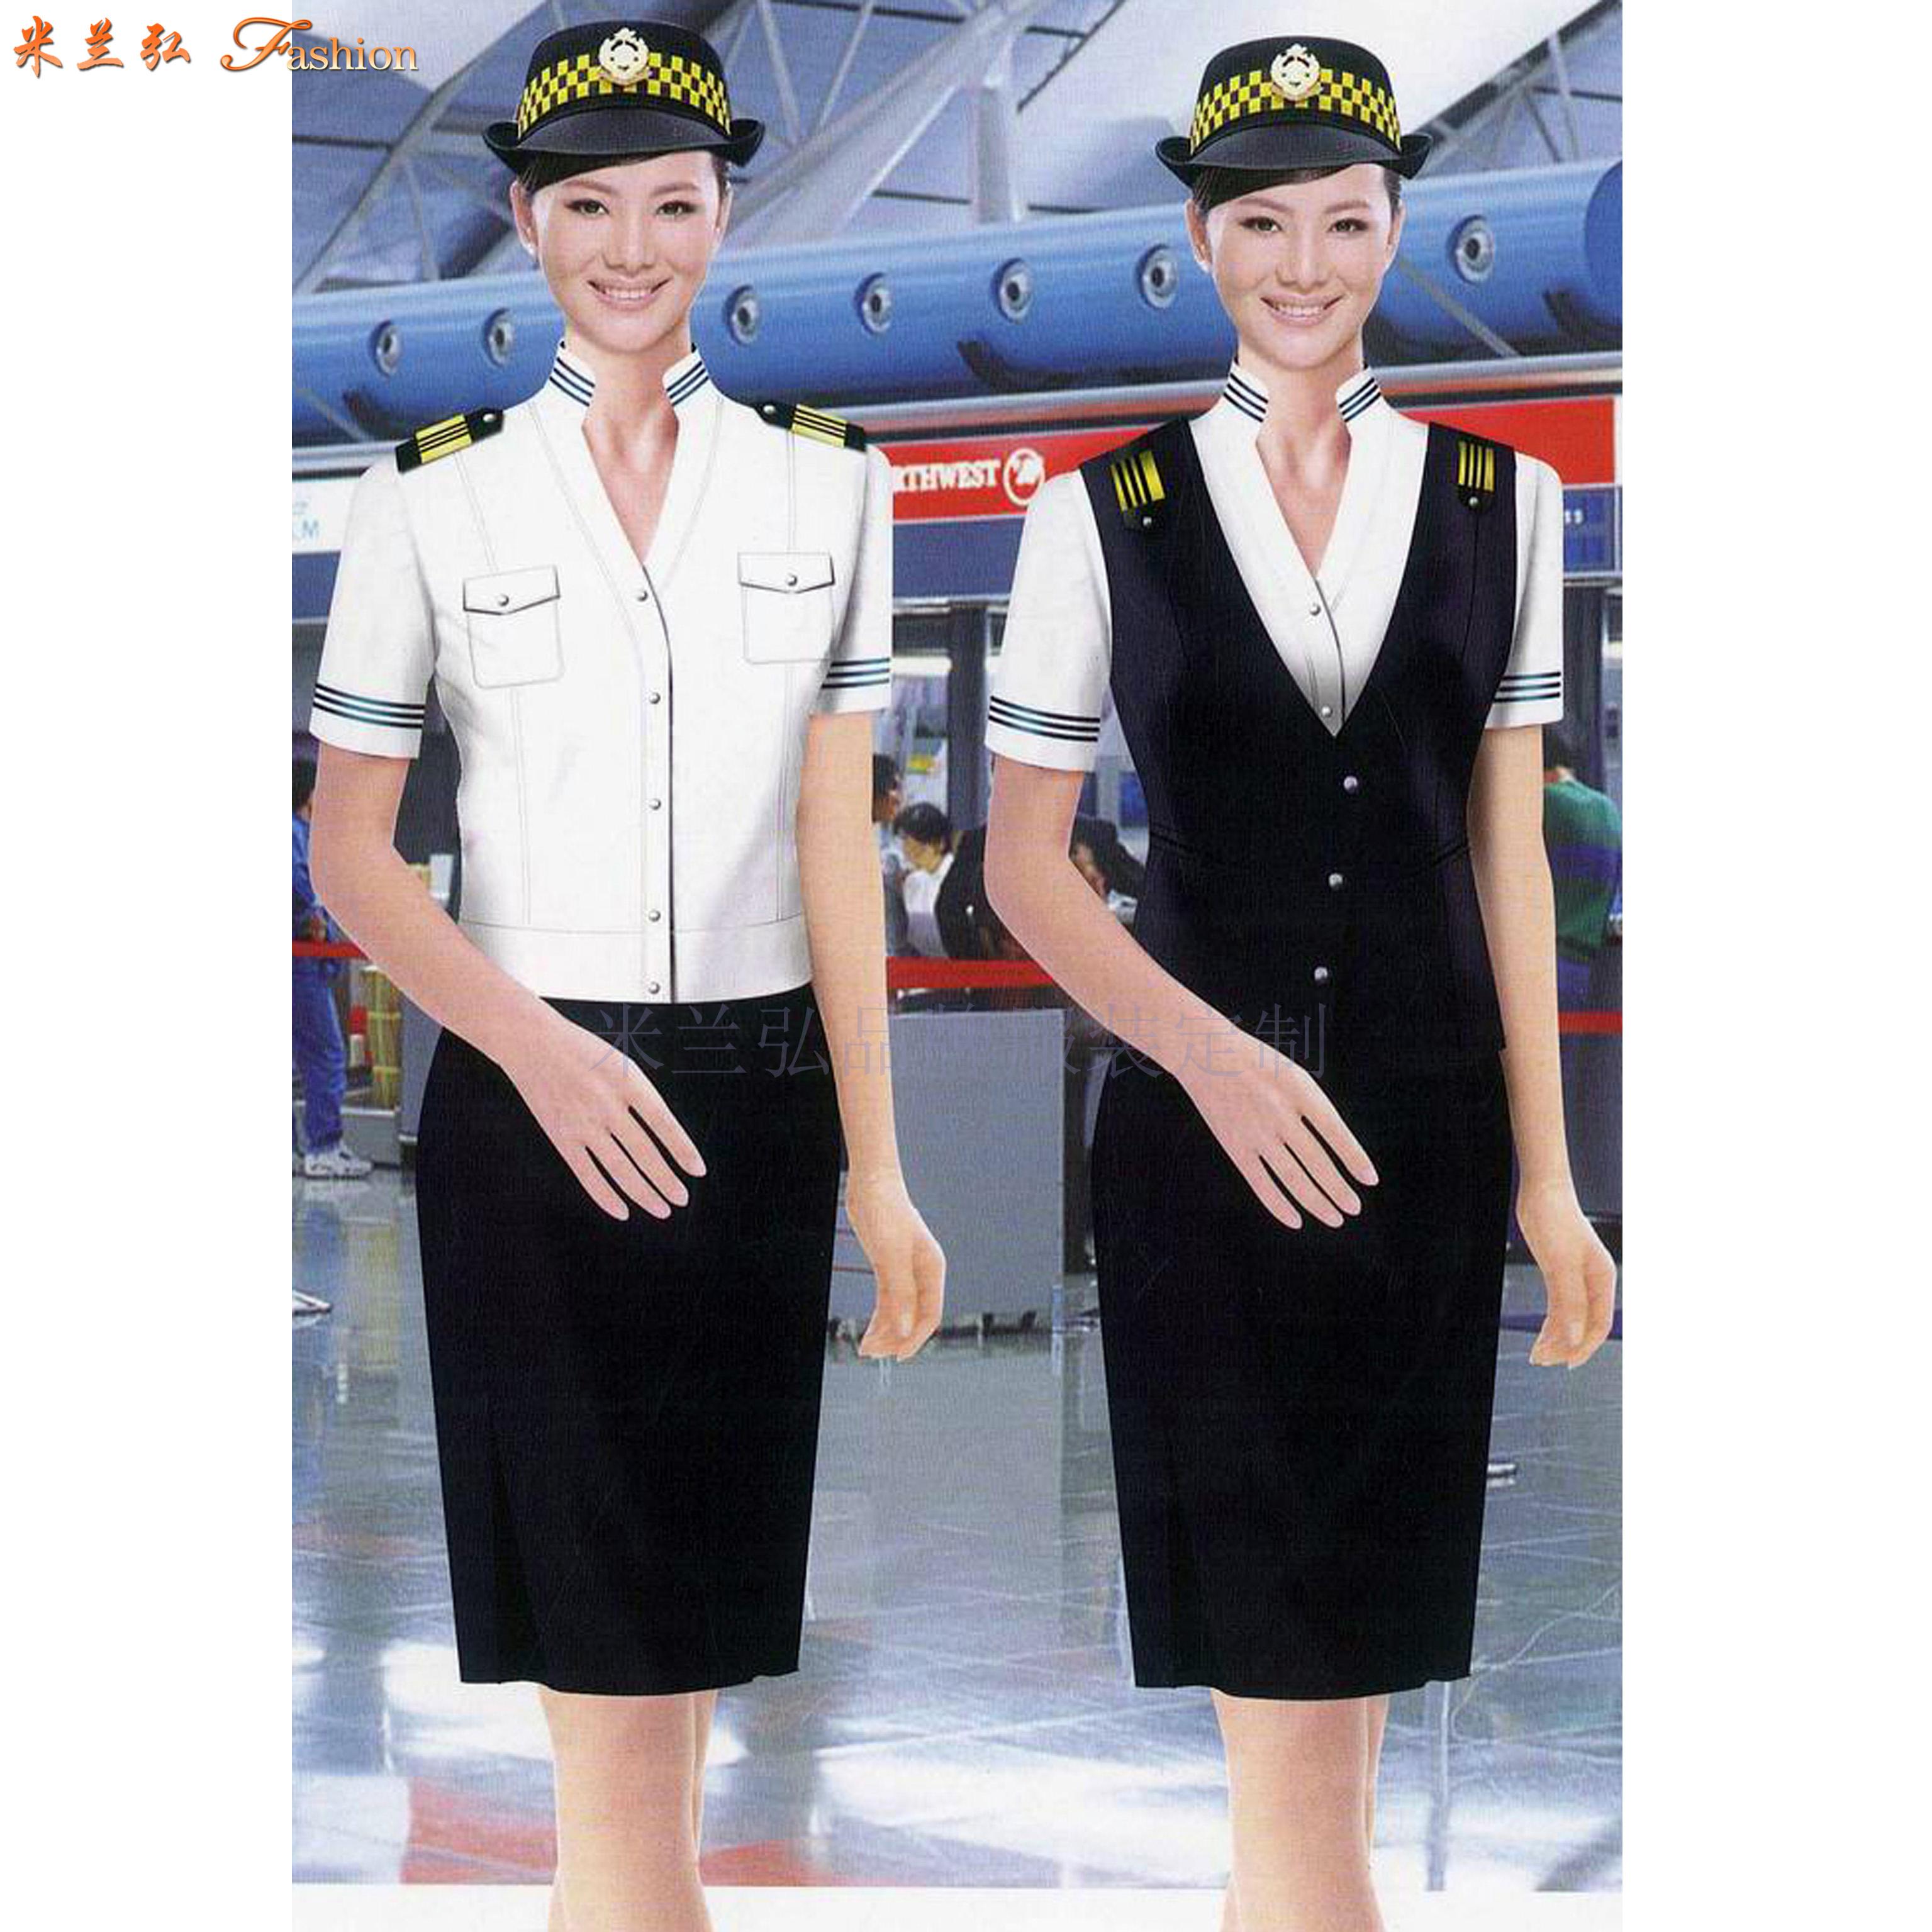 「地鐵服裝定制」「地鐵制服定做」「地鐵乘務服訂制」-3